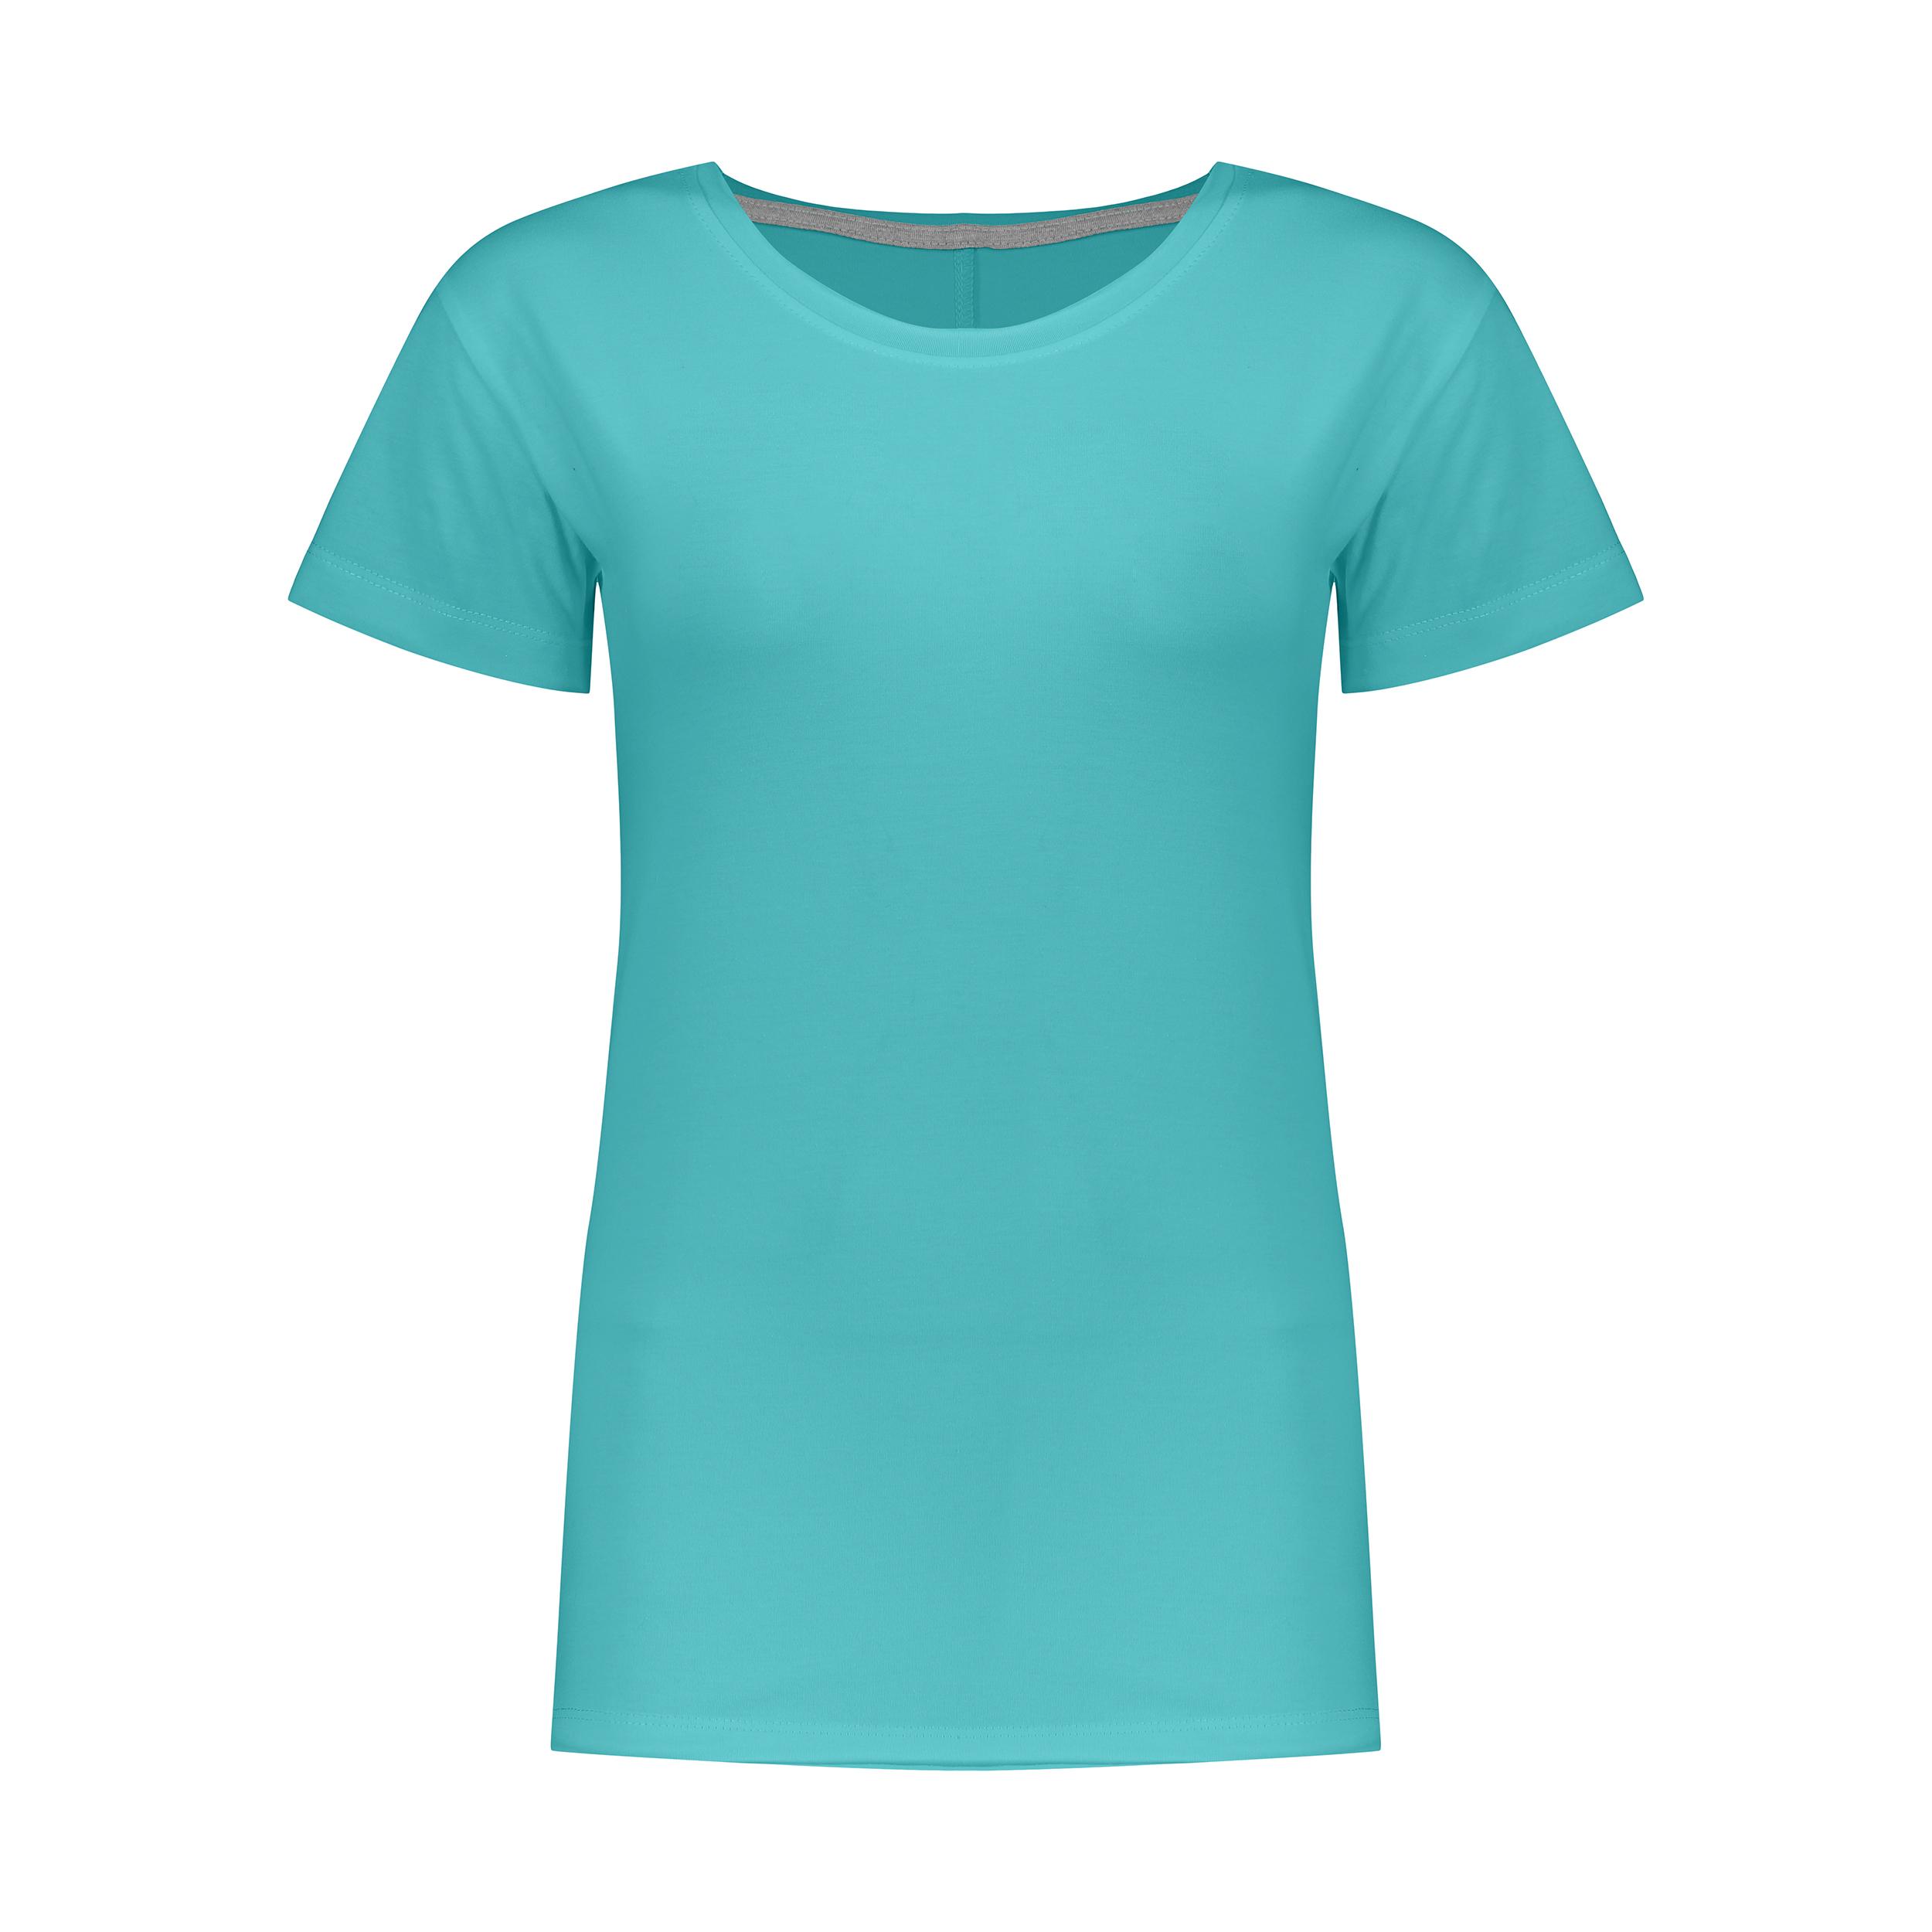 تی شرت زنانه گارودی مدل 1110315101-62